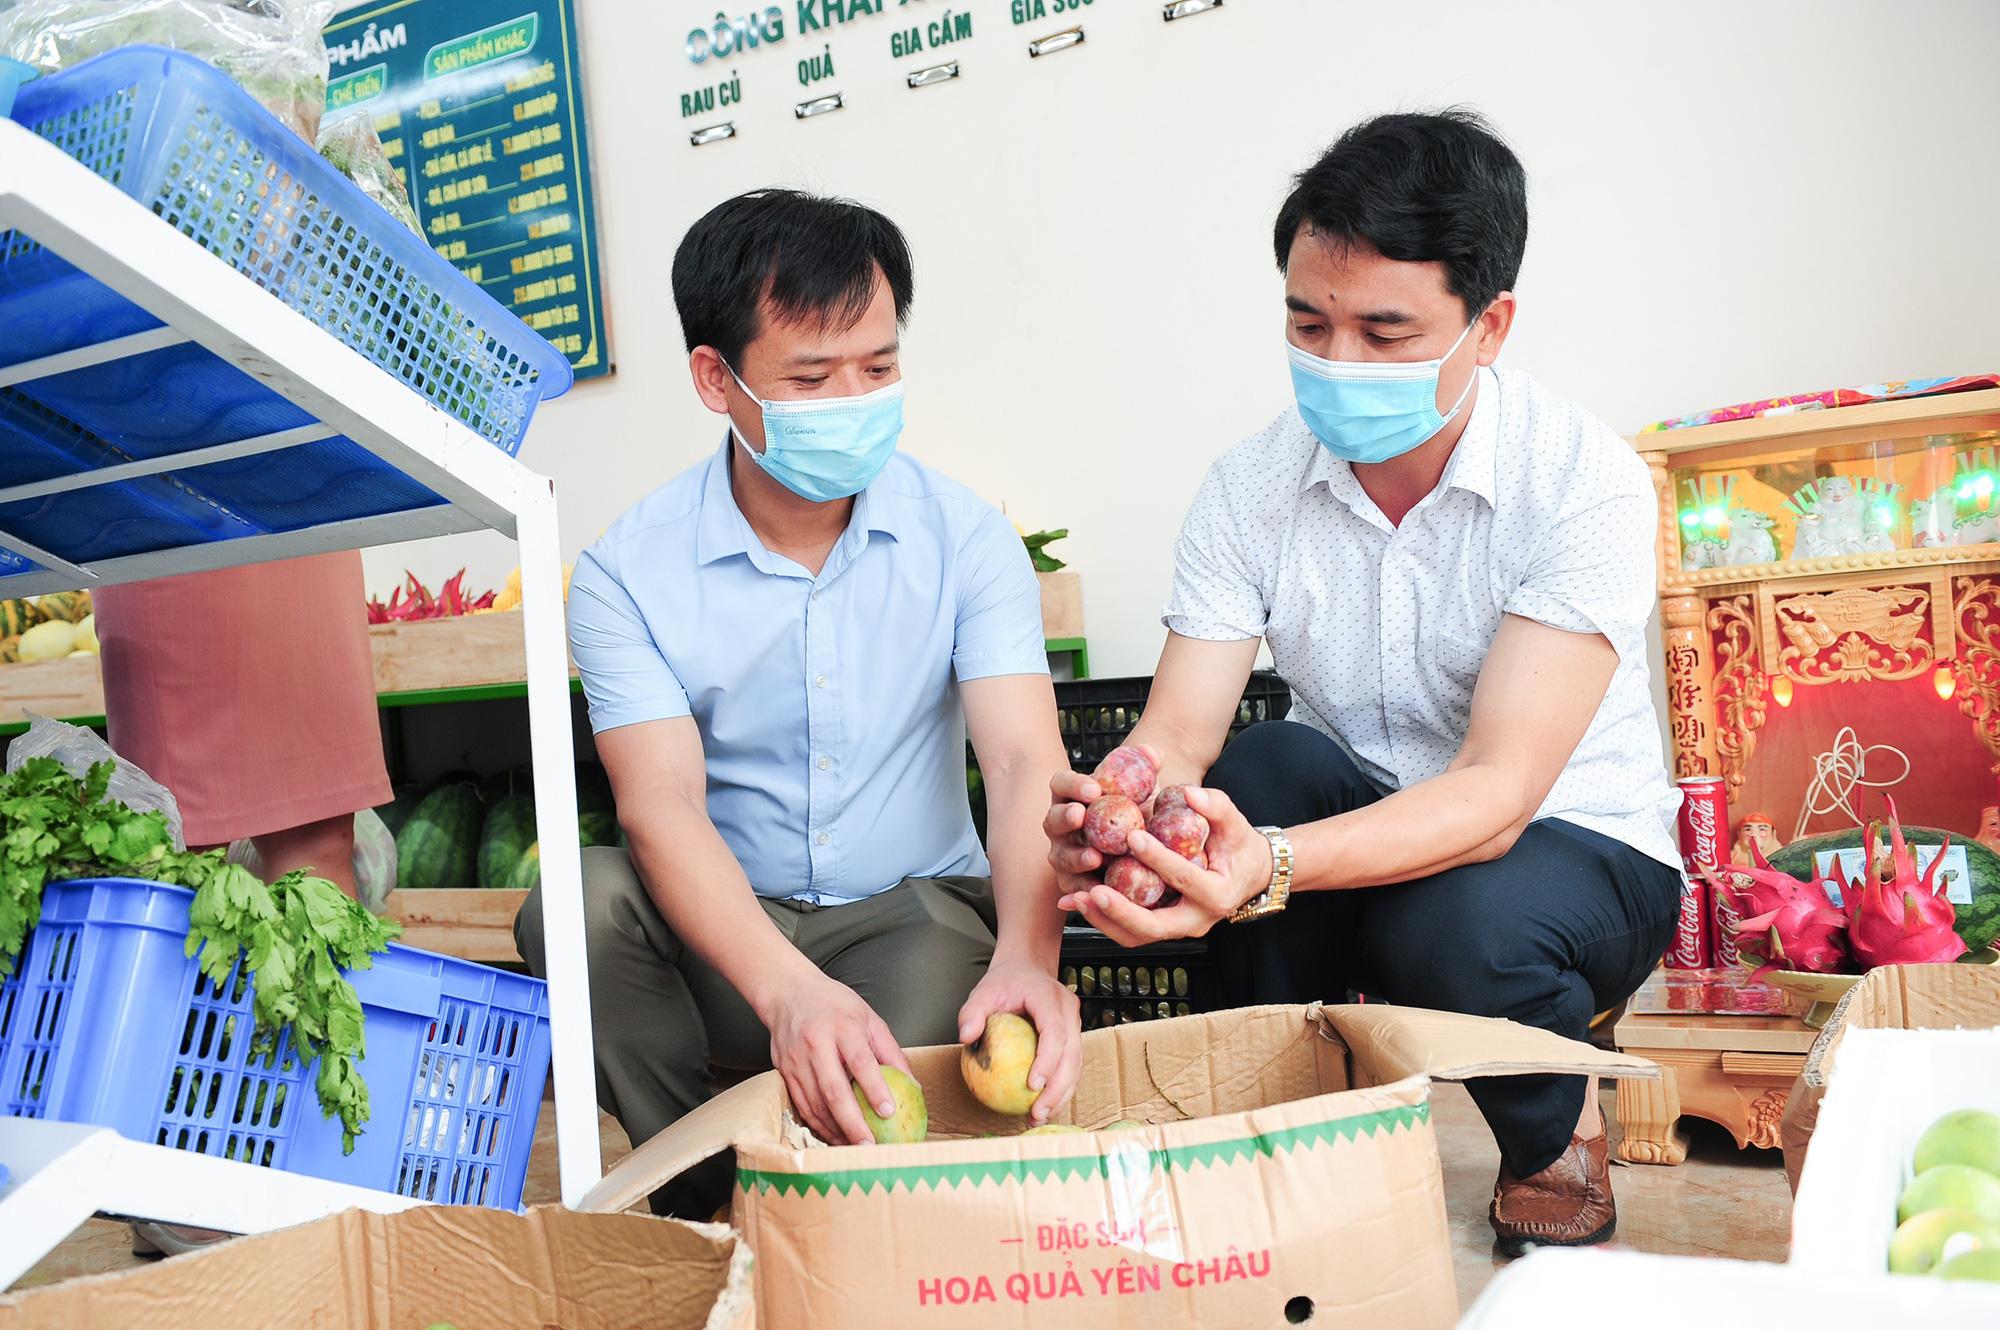 Ninh Bình: Hội Nông dân tỉnh kết nối tiêu thụ nông sản trong mùa dịch cho nông dân. - Ảnh 3.